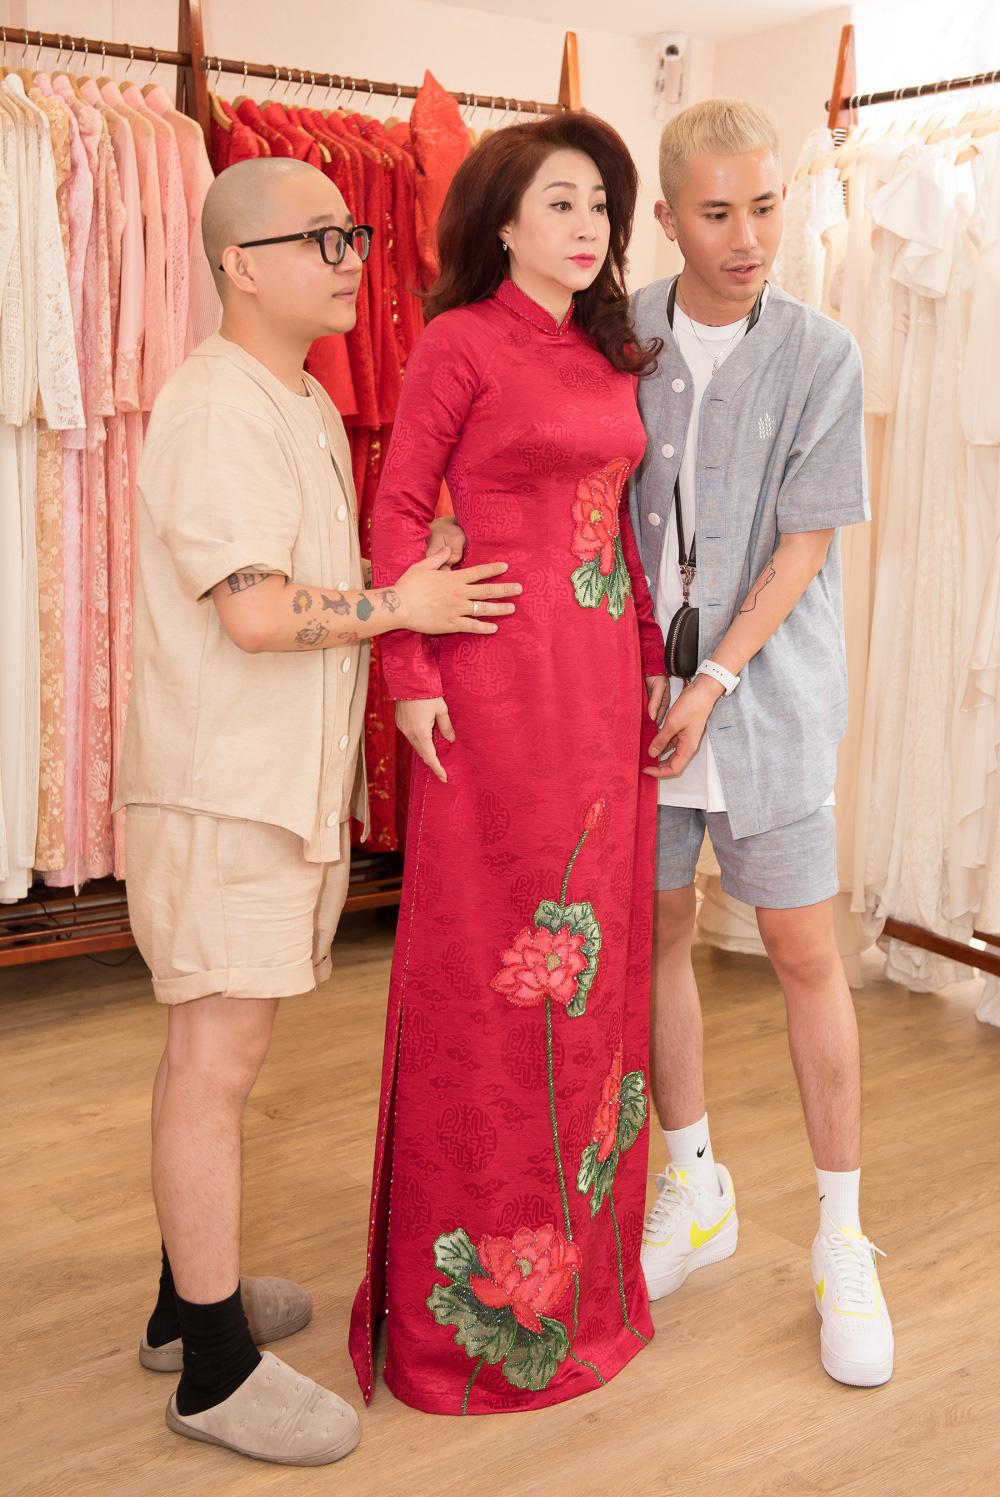 Hé lộ về nhà thiết kế áo dài được nữ danh ca Ý Lan ưu ái đặt tên - Ảnh 1.